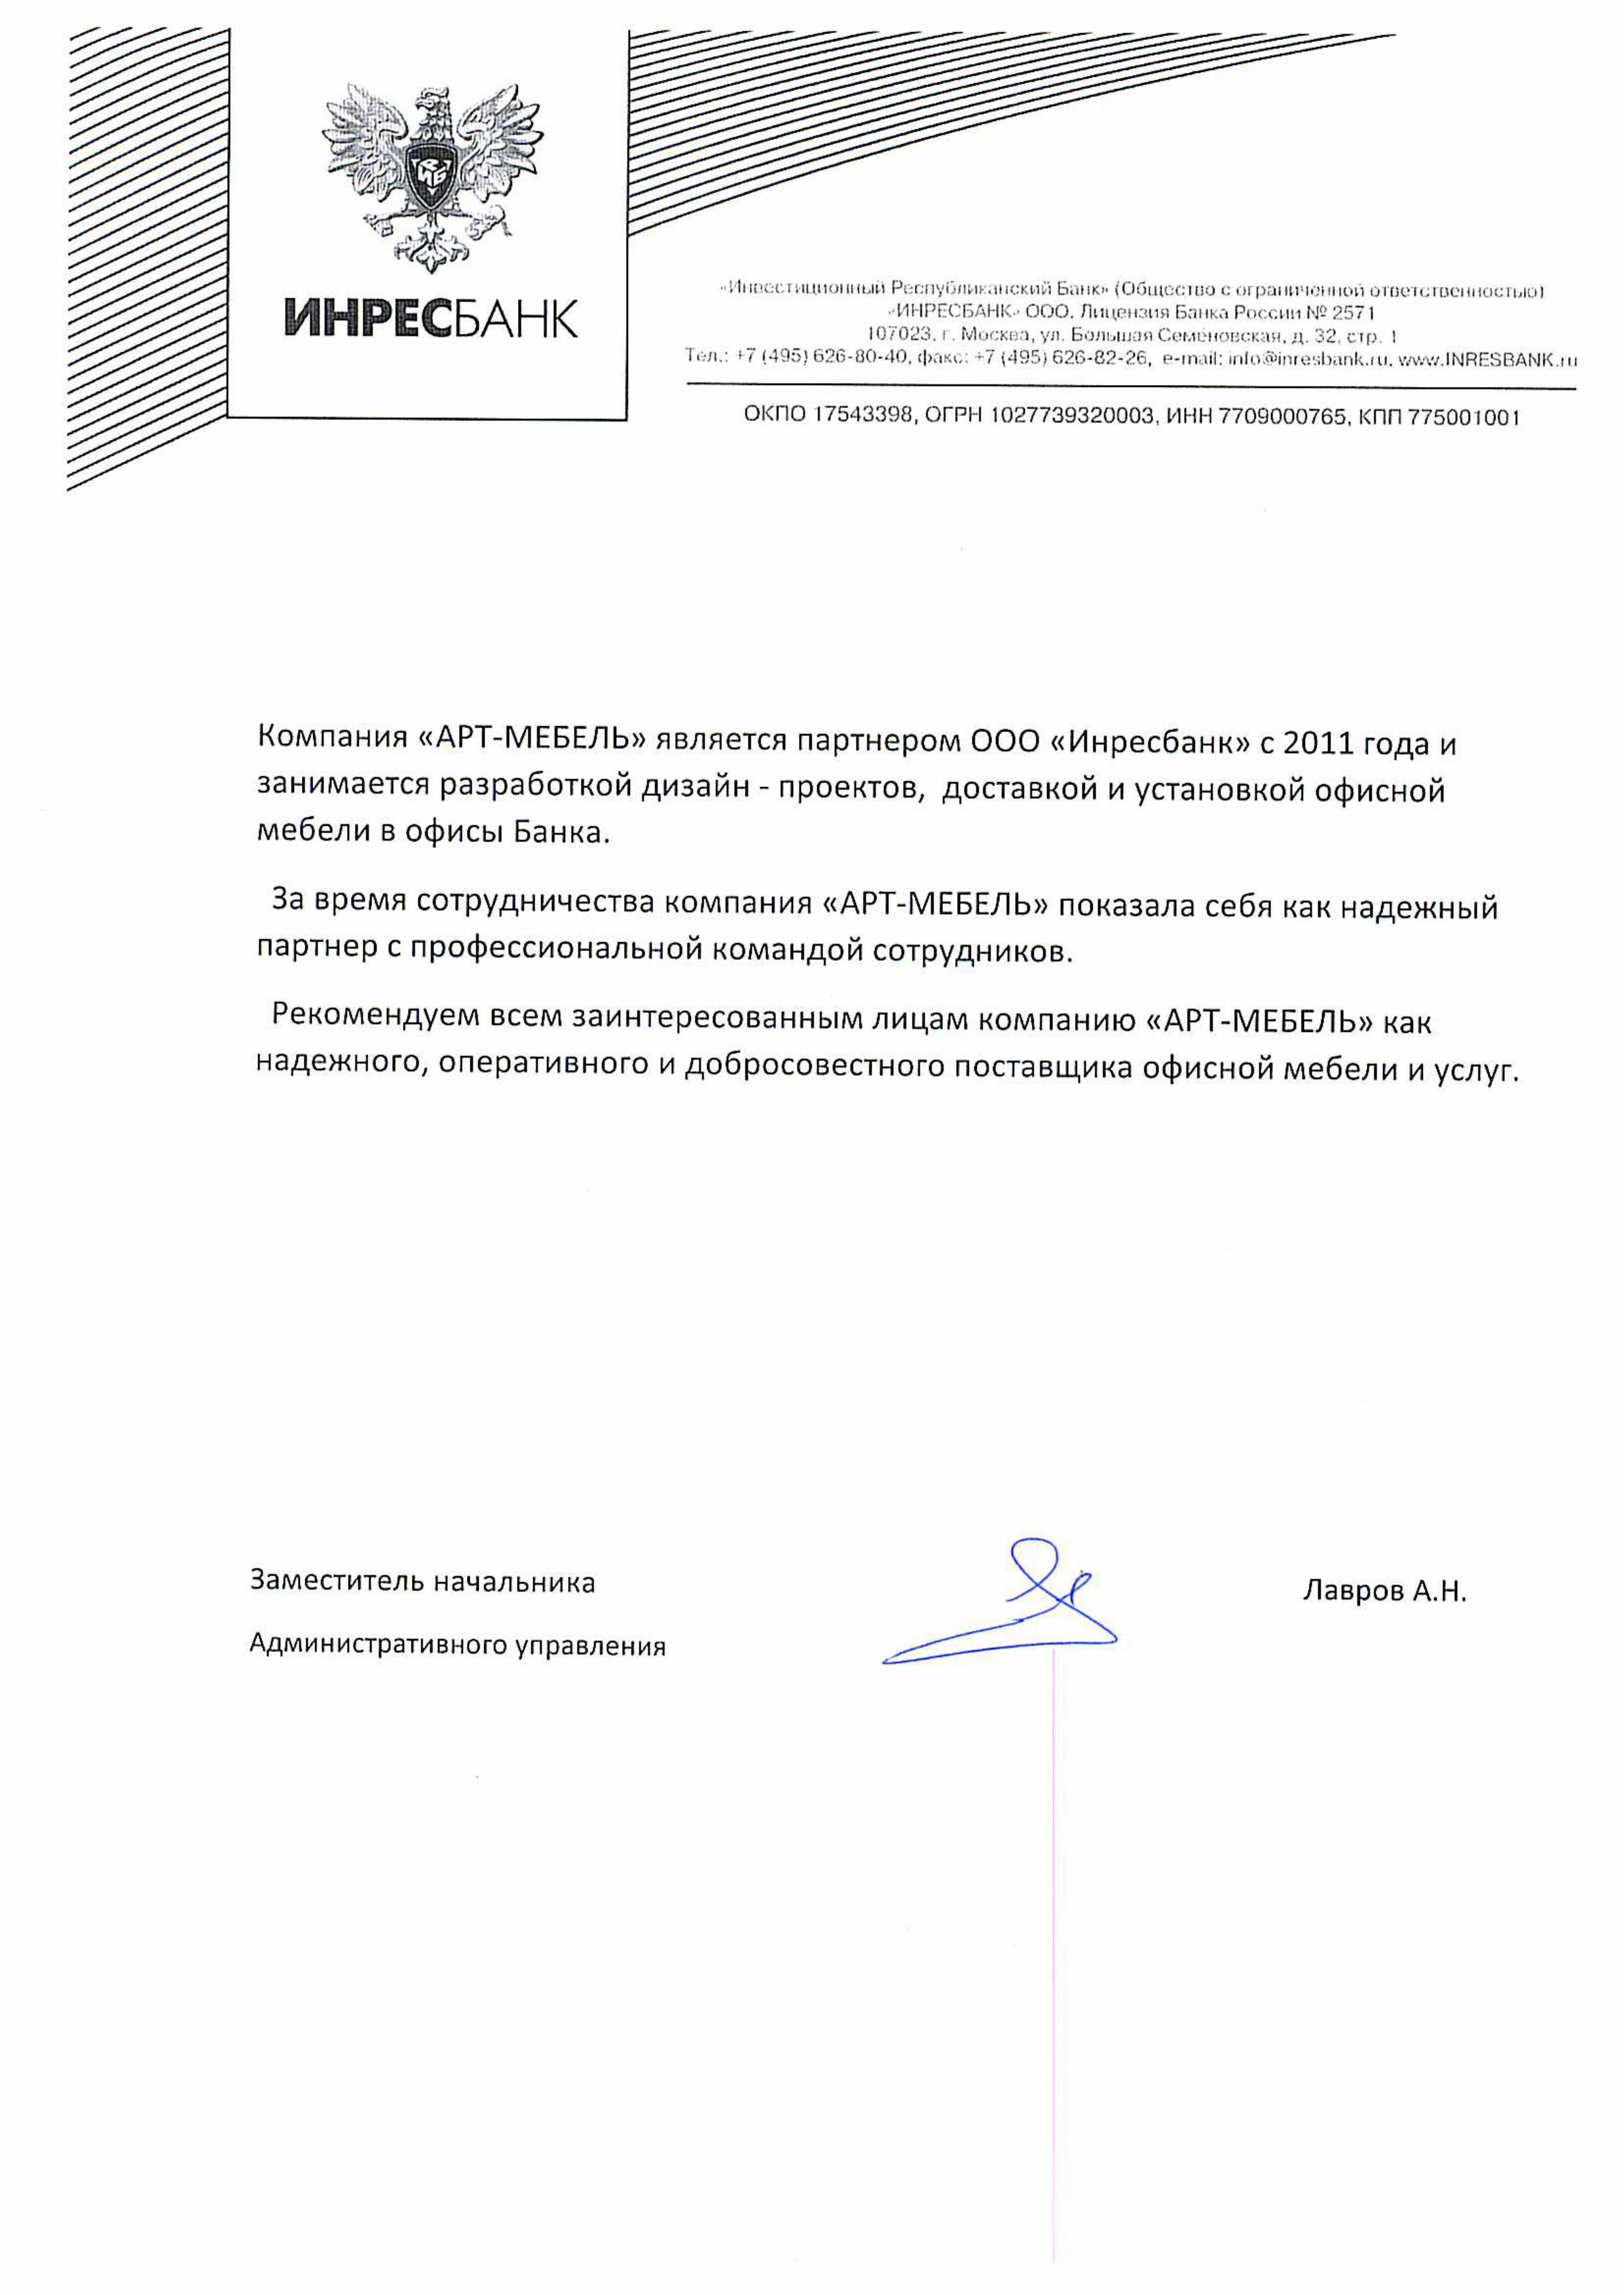 Должностная инструкция начальника административной хозяйственной части